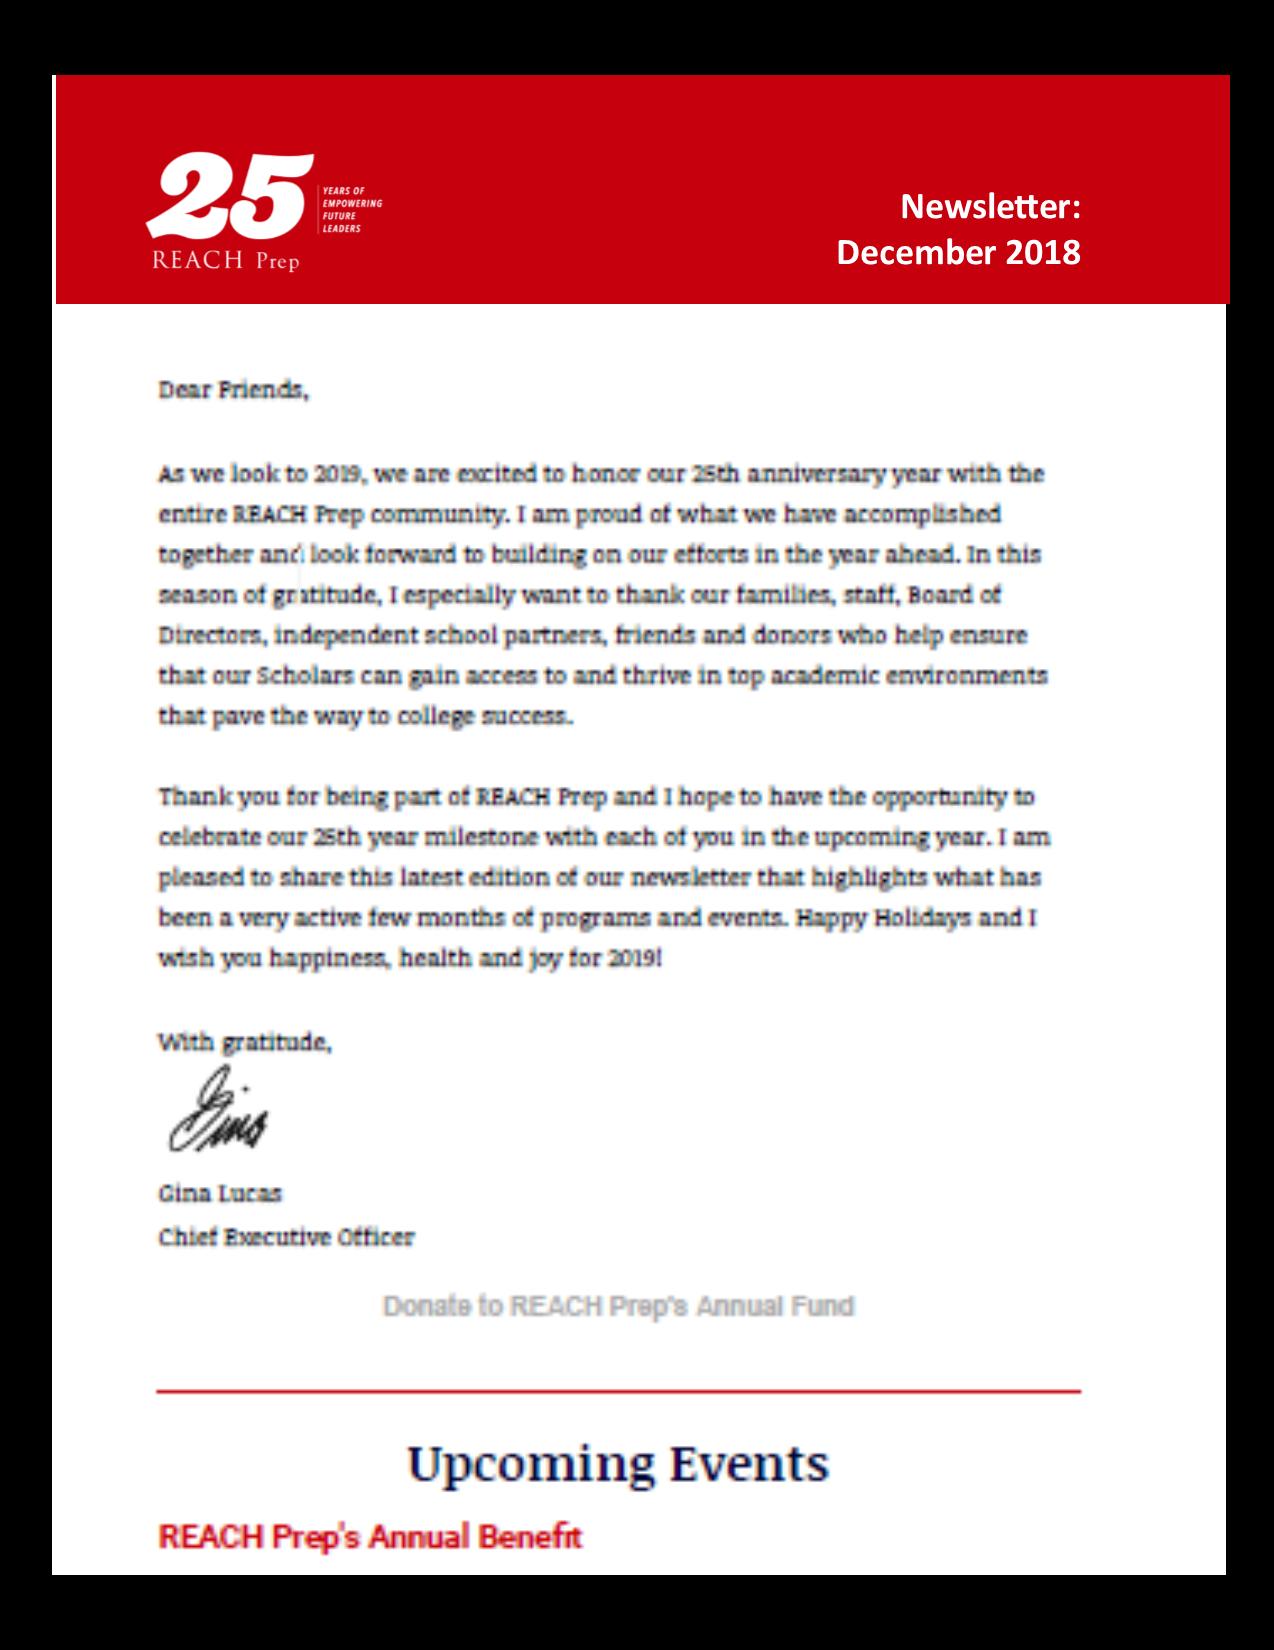 Newsletter: December 2018